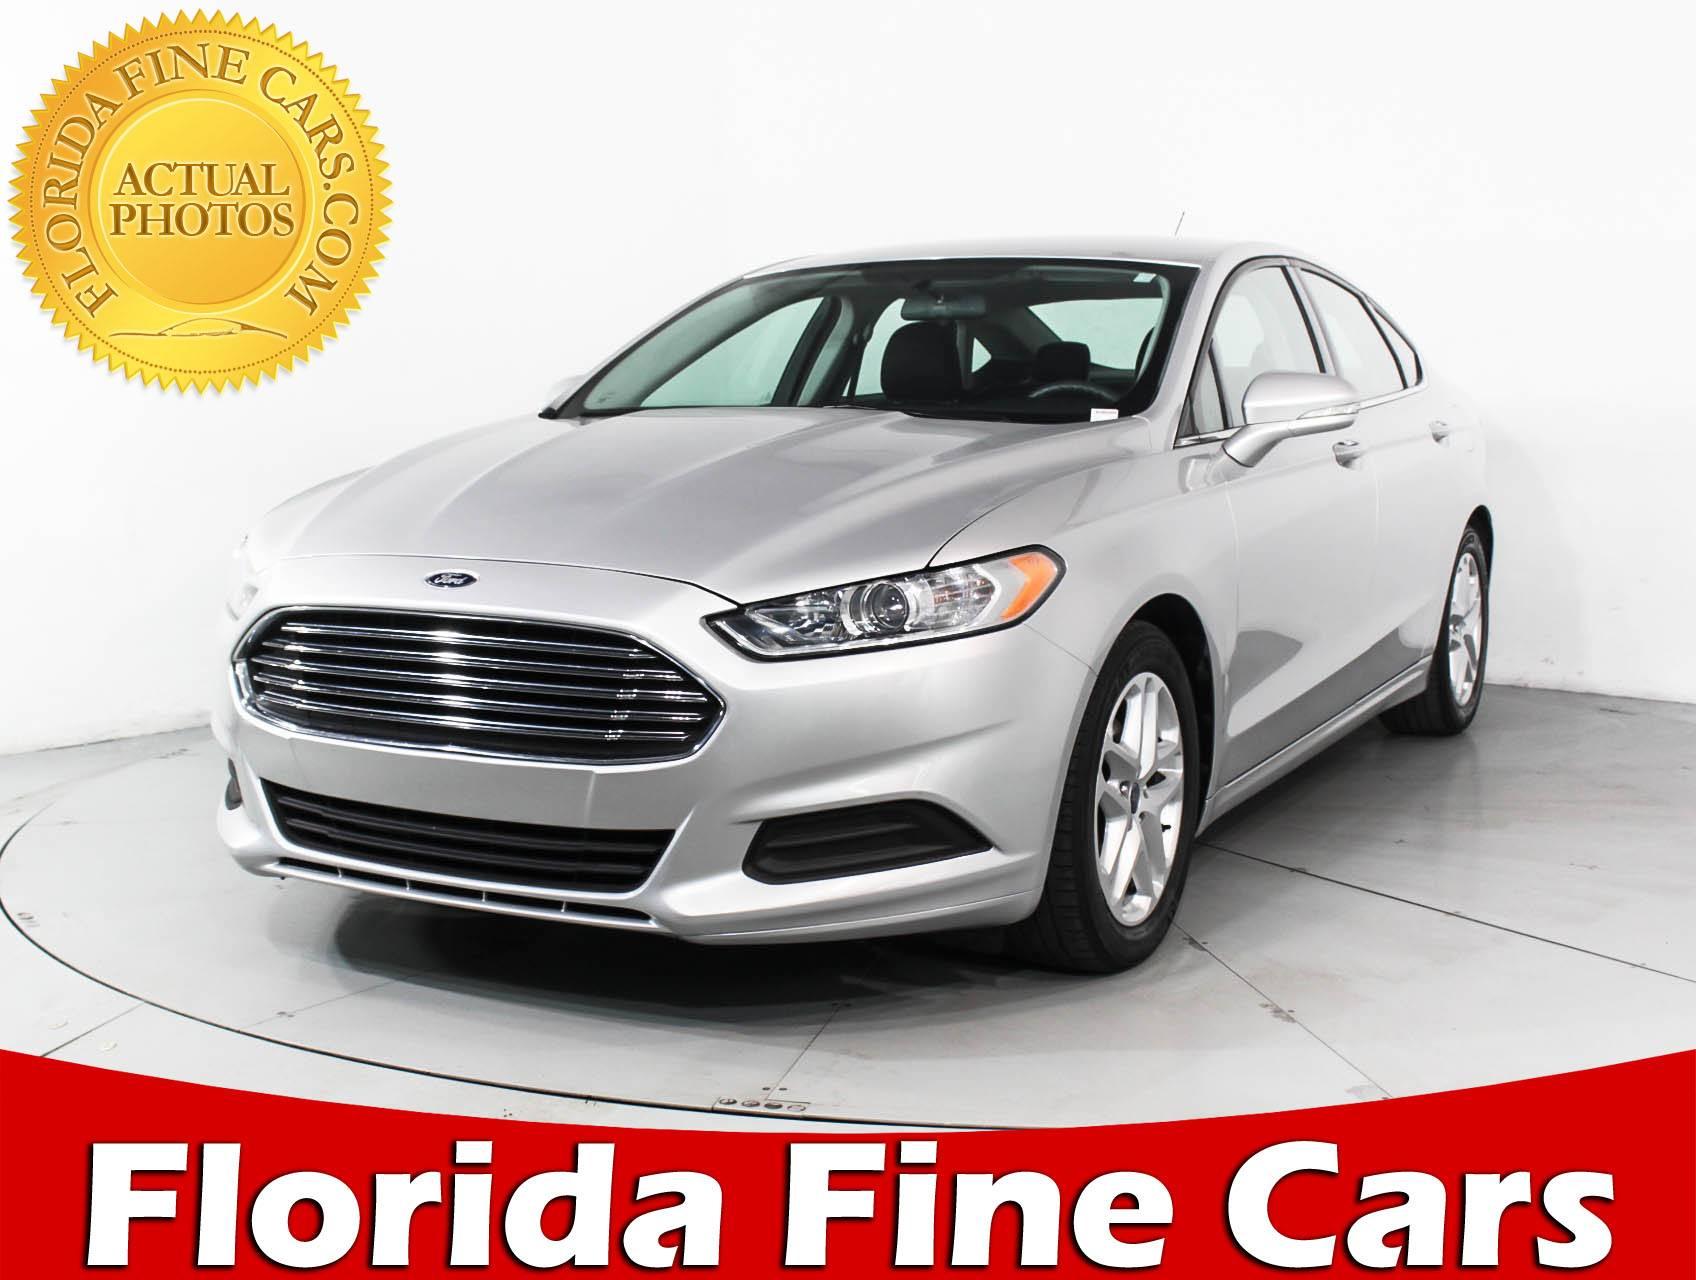 Used 2016 FORD FUSION SE Sedan for sale in MIAMI FL